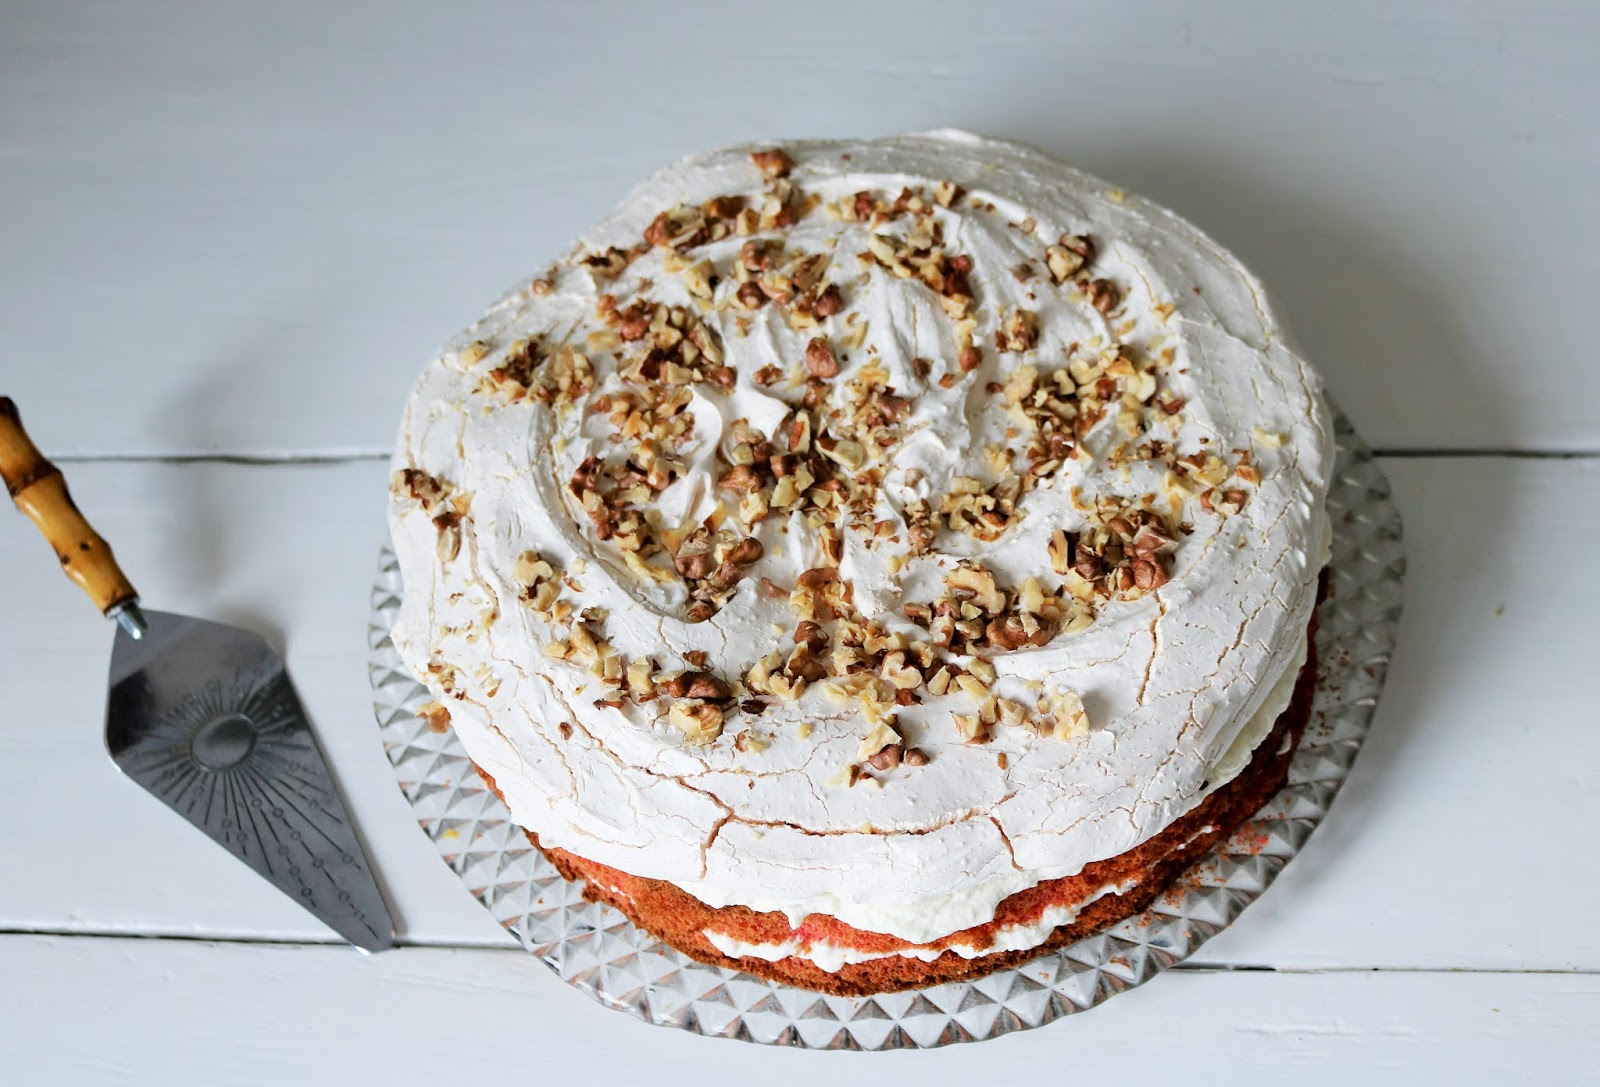 łaty przepis na ciasto z serkiem mascarpone i śmietaną kremówką